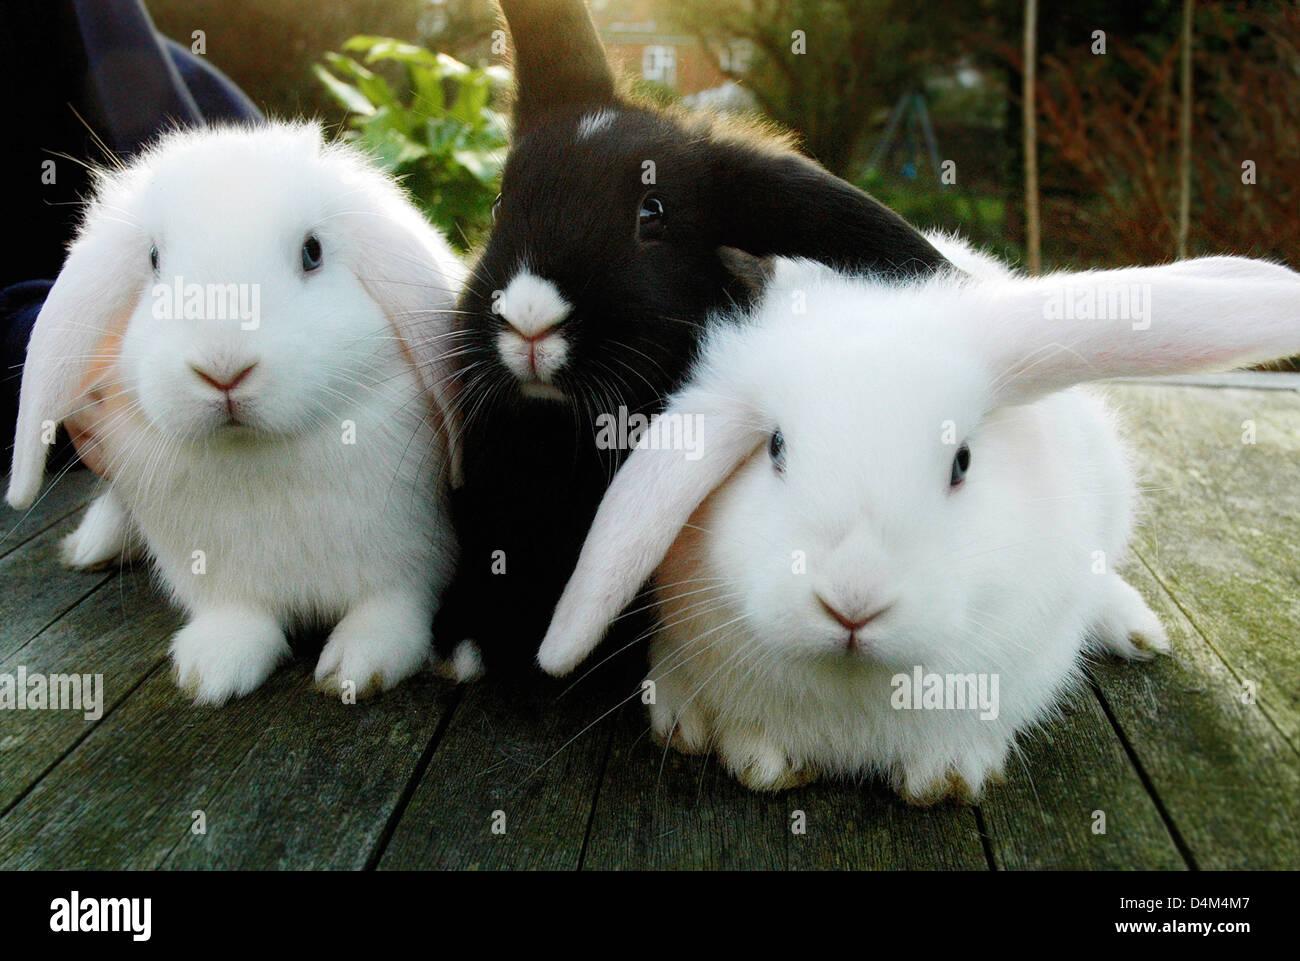 Los conejos sentada sobre una plataforma de madera Imagen De Stock